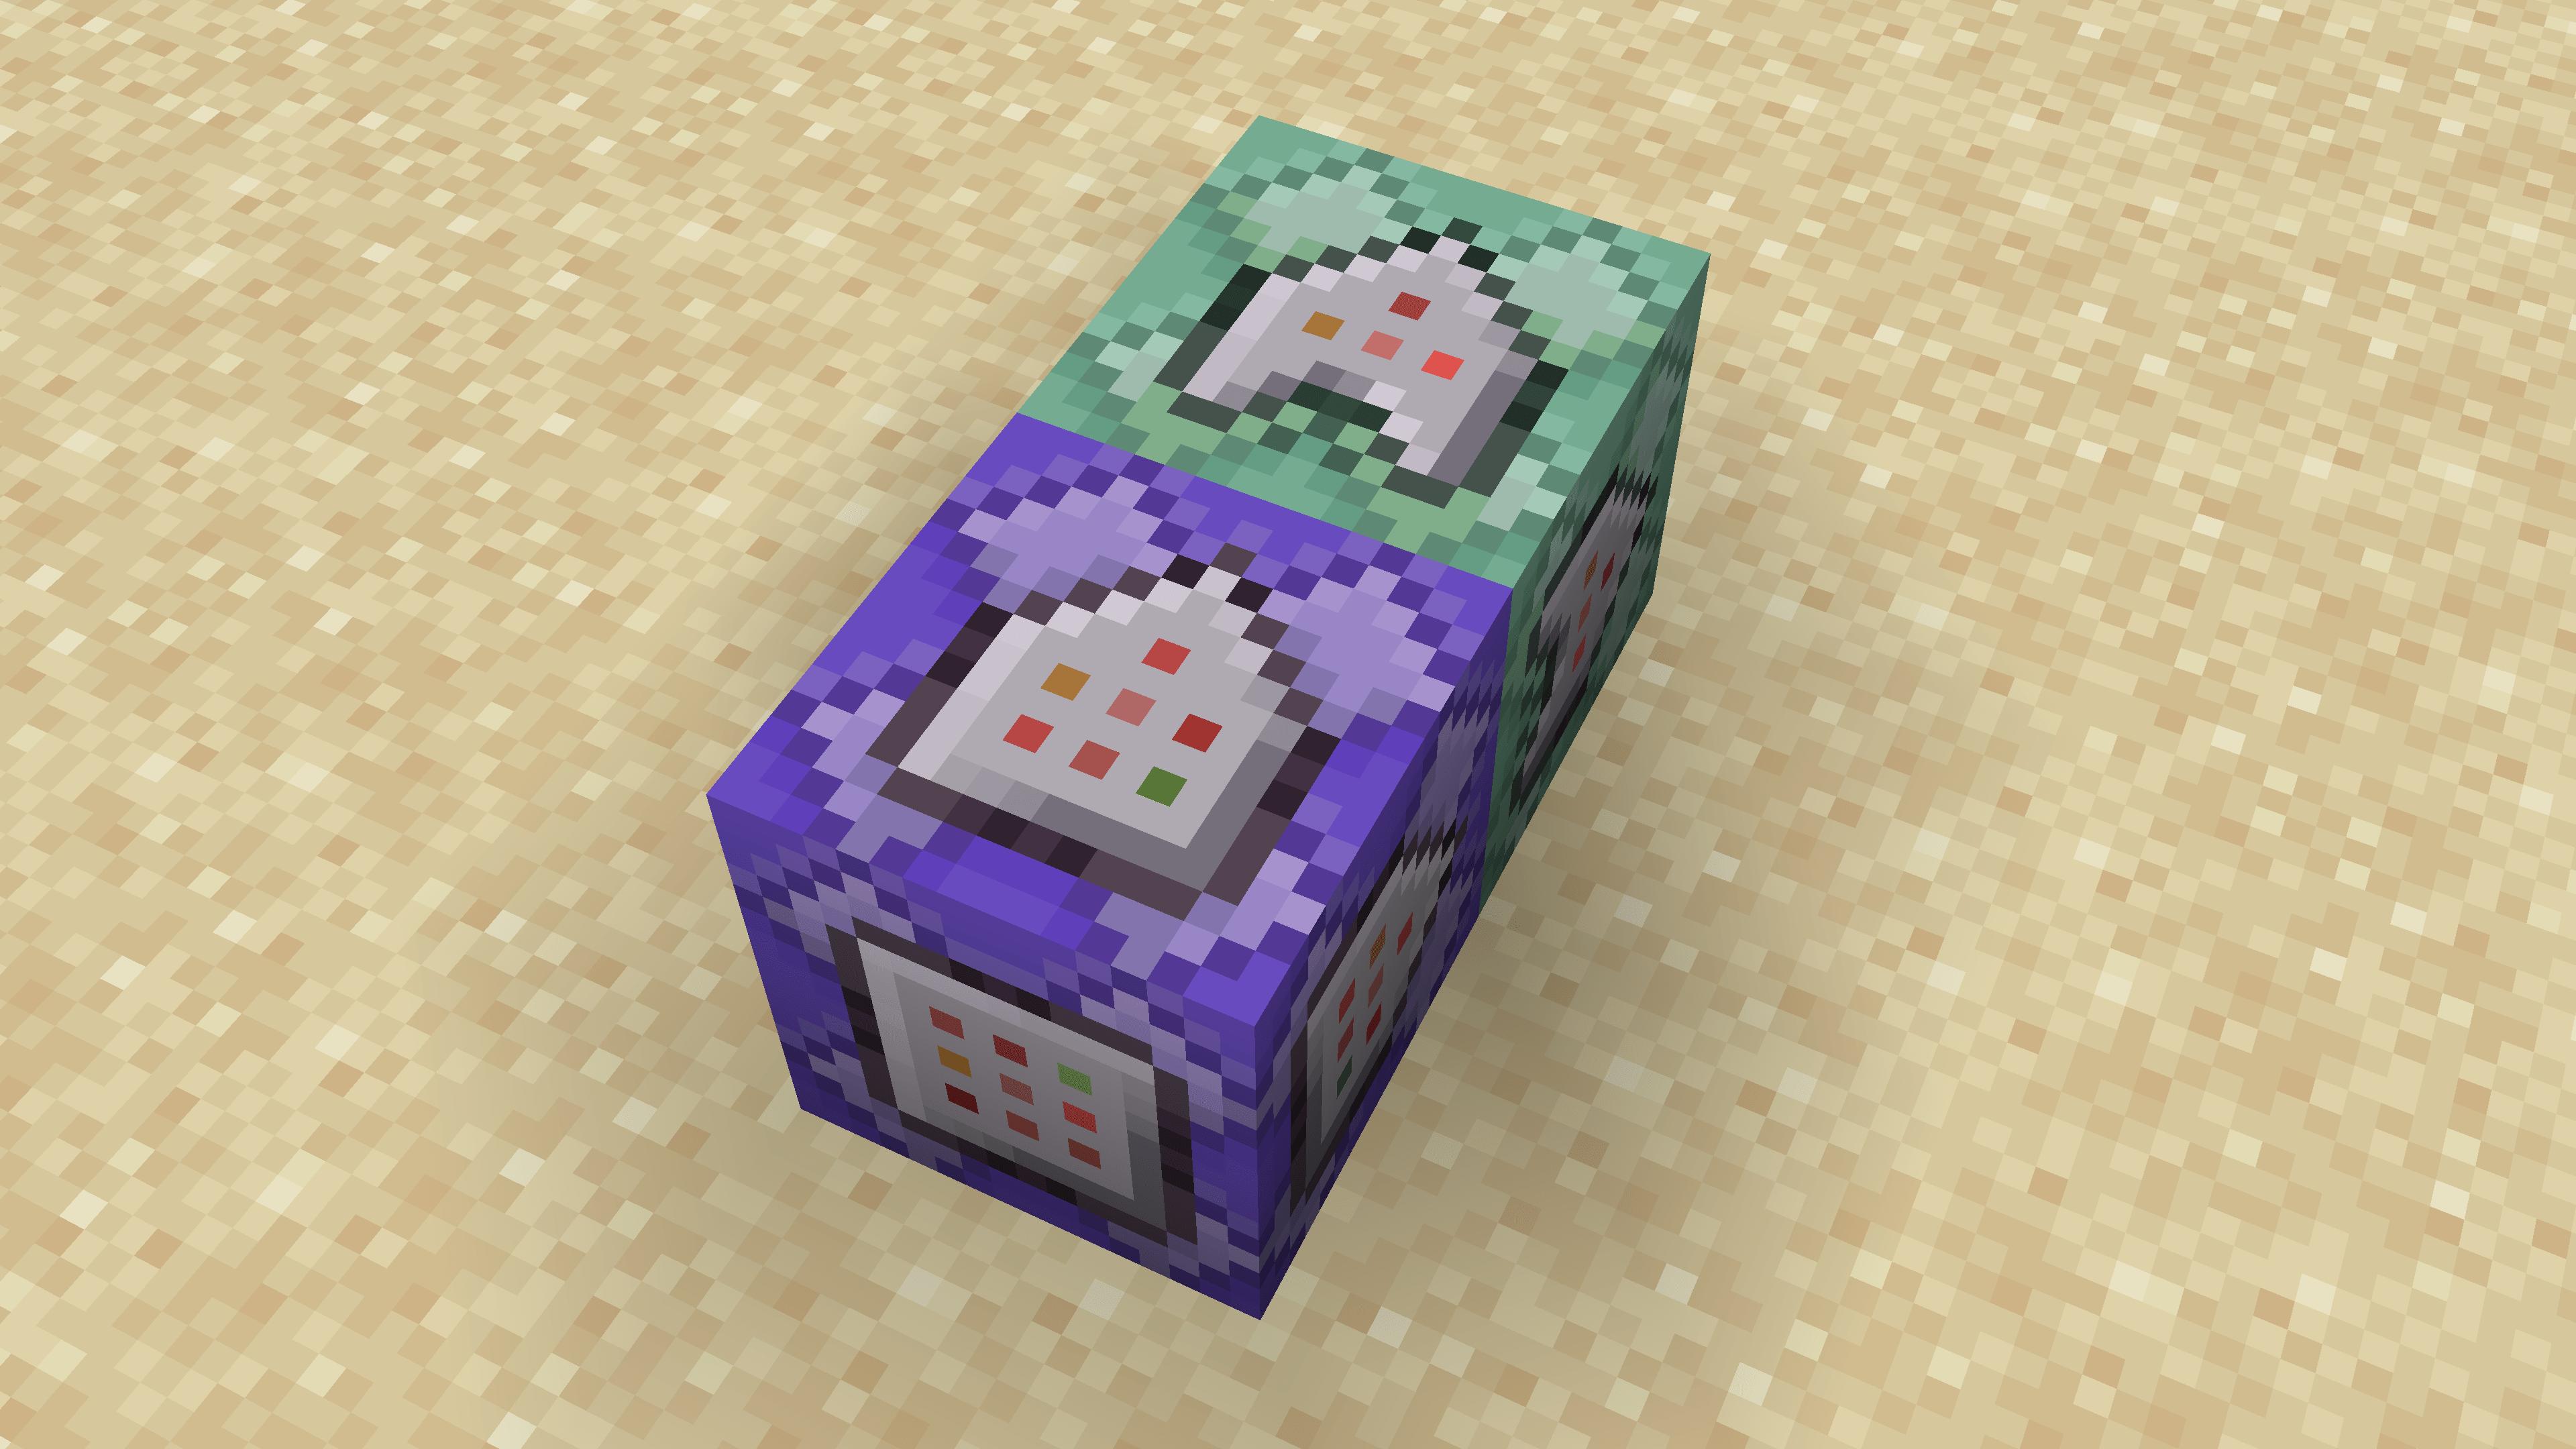 I due Command Block che ci servono per fare l'arco spara fireball devono essere così. Ovviamente puoi metterli in verticale se vuoi.